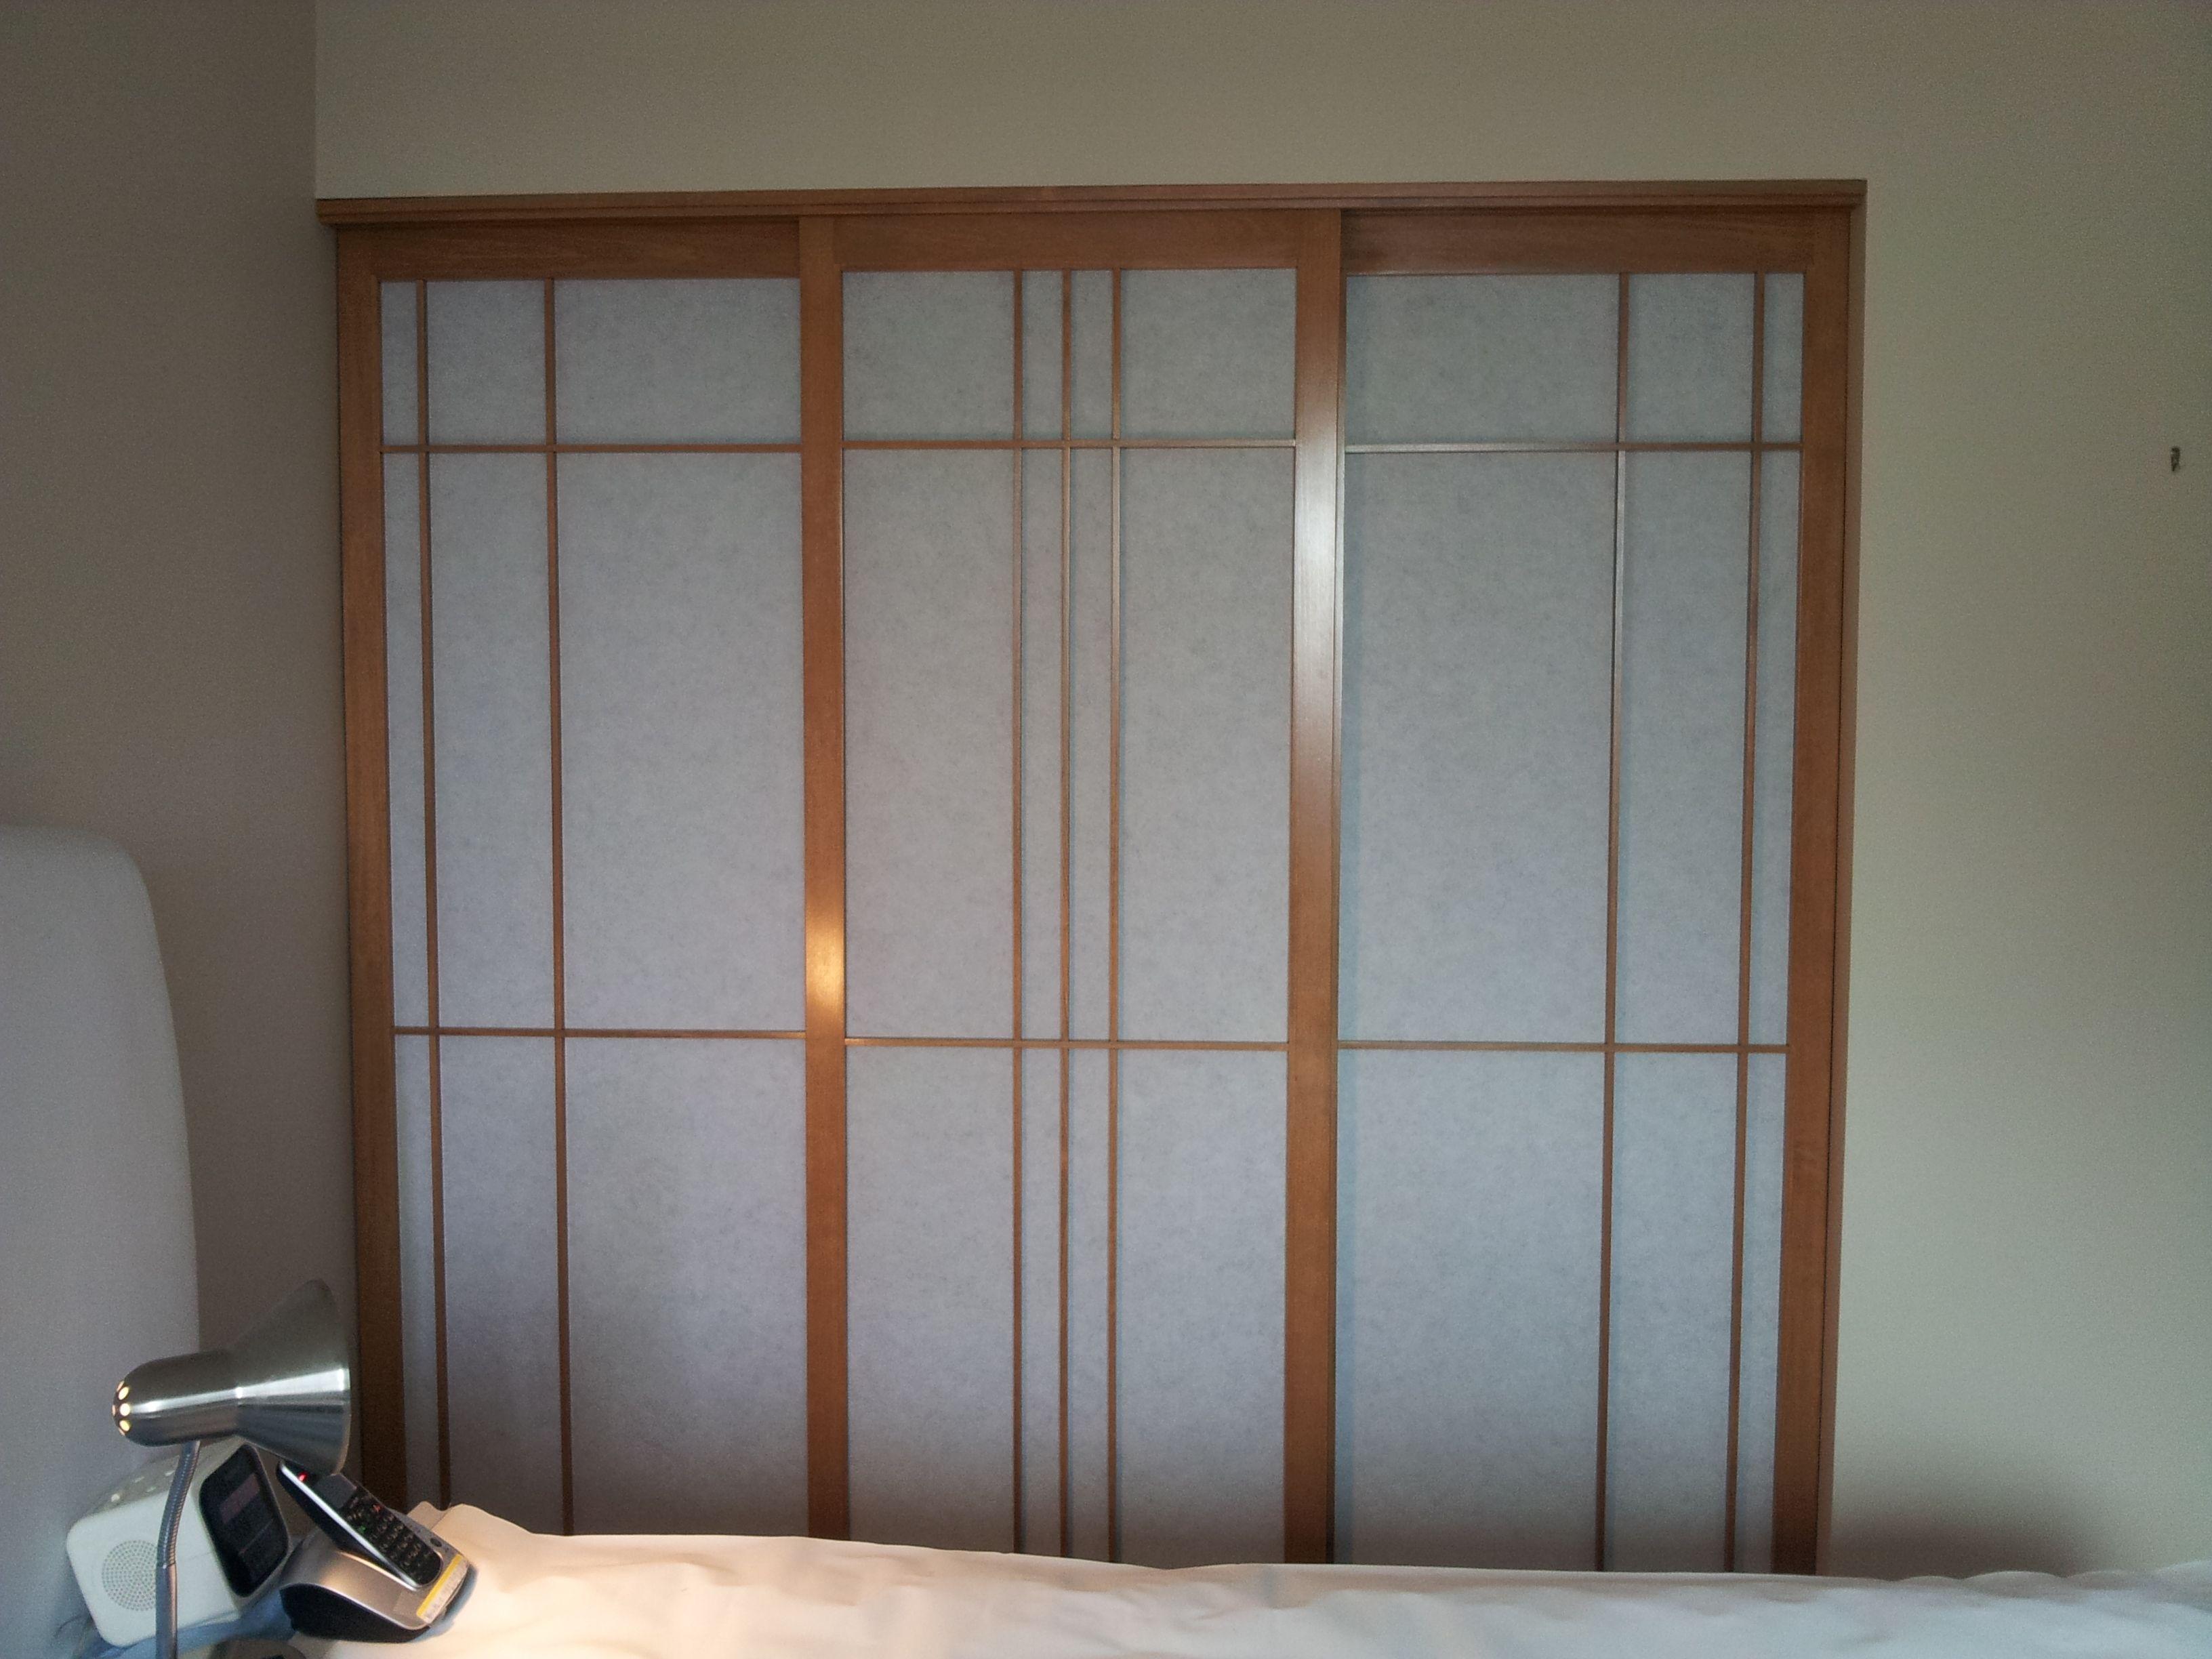 x bi fold door bifold mirror closet broken doors options pantry